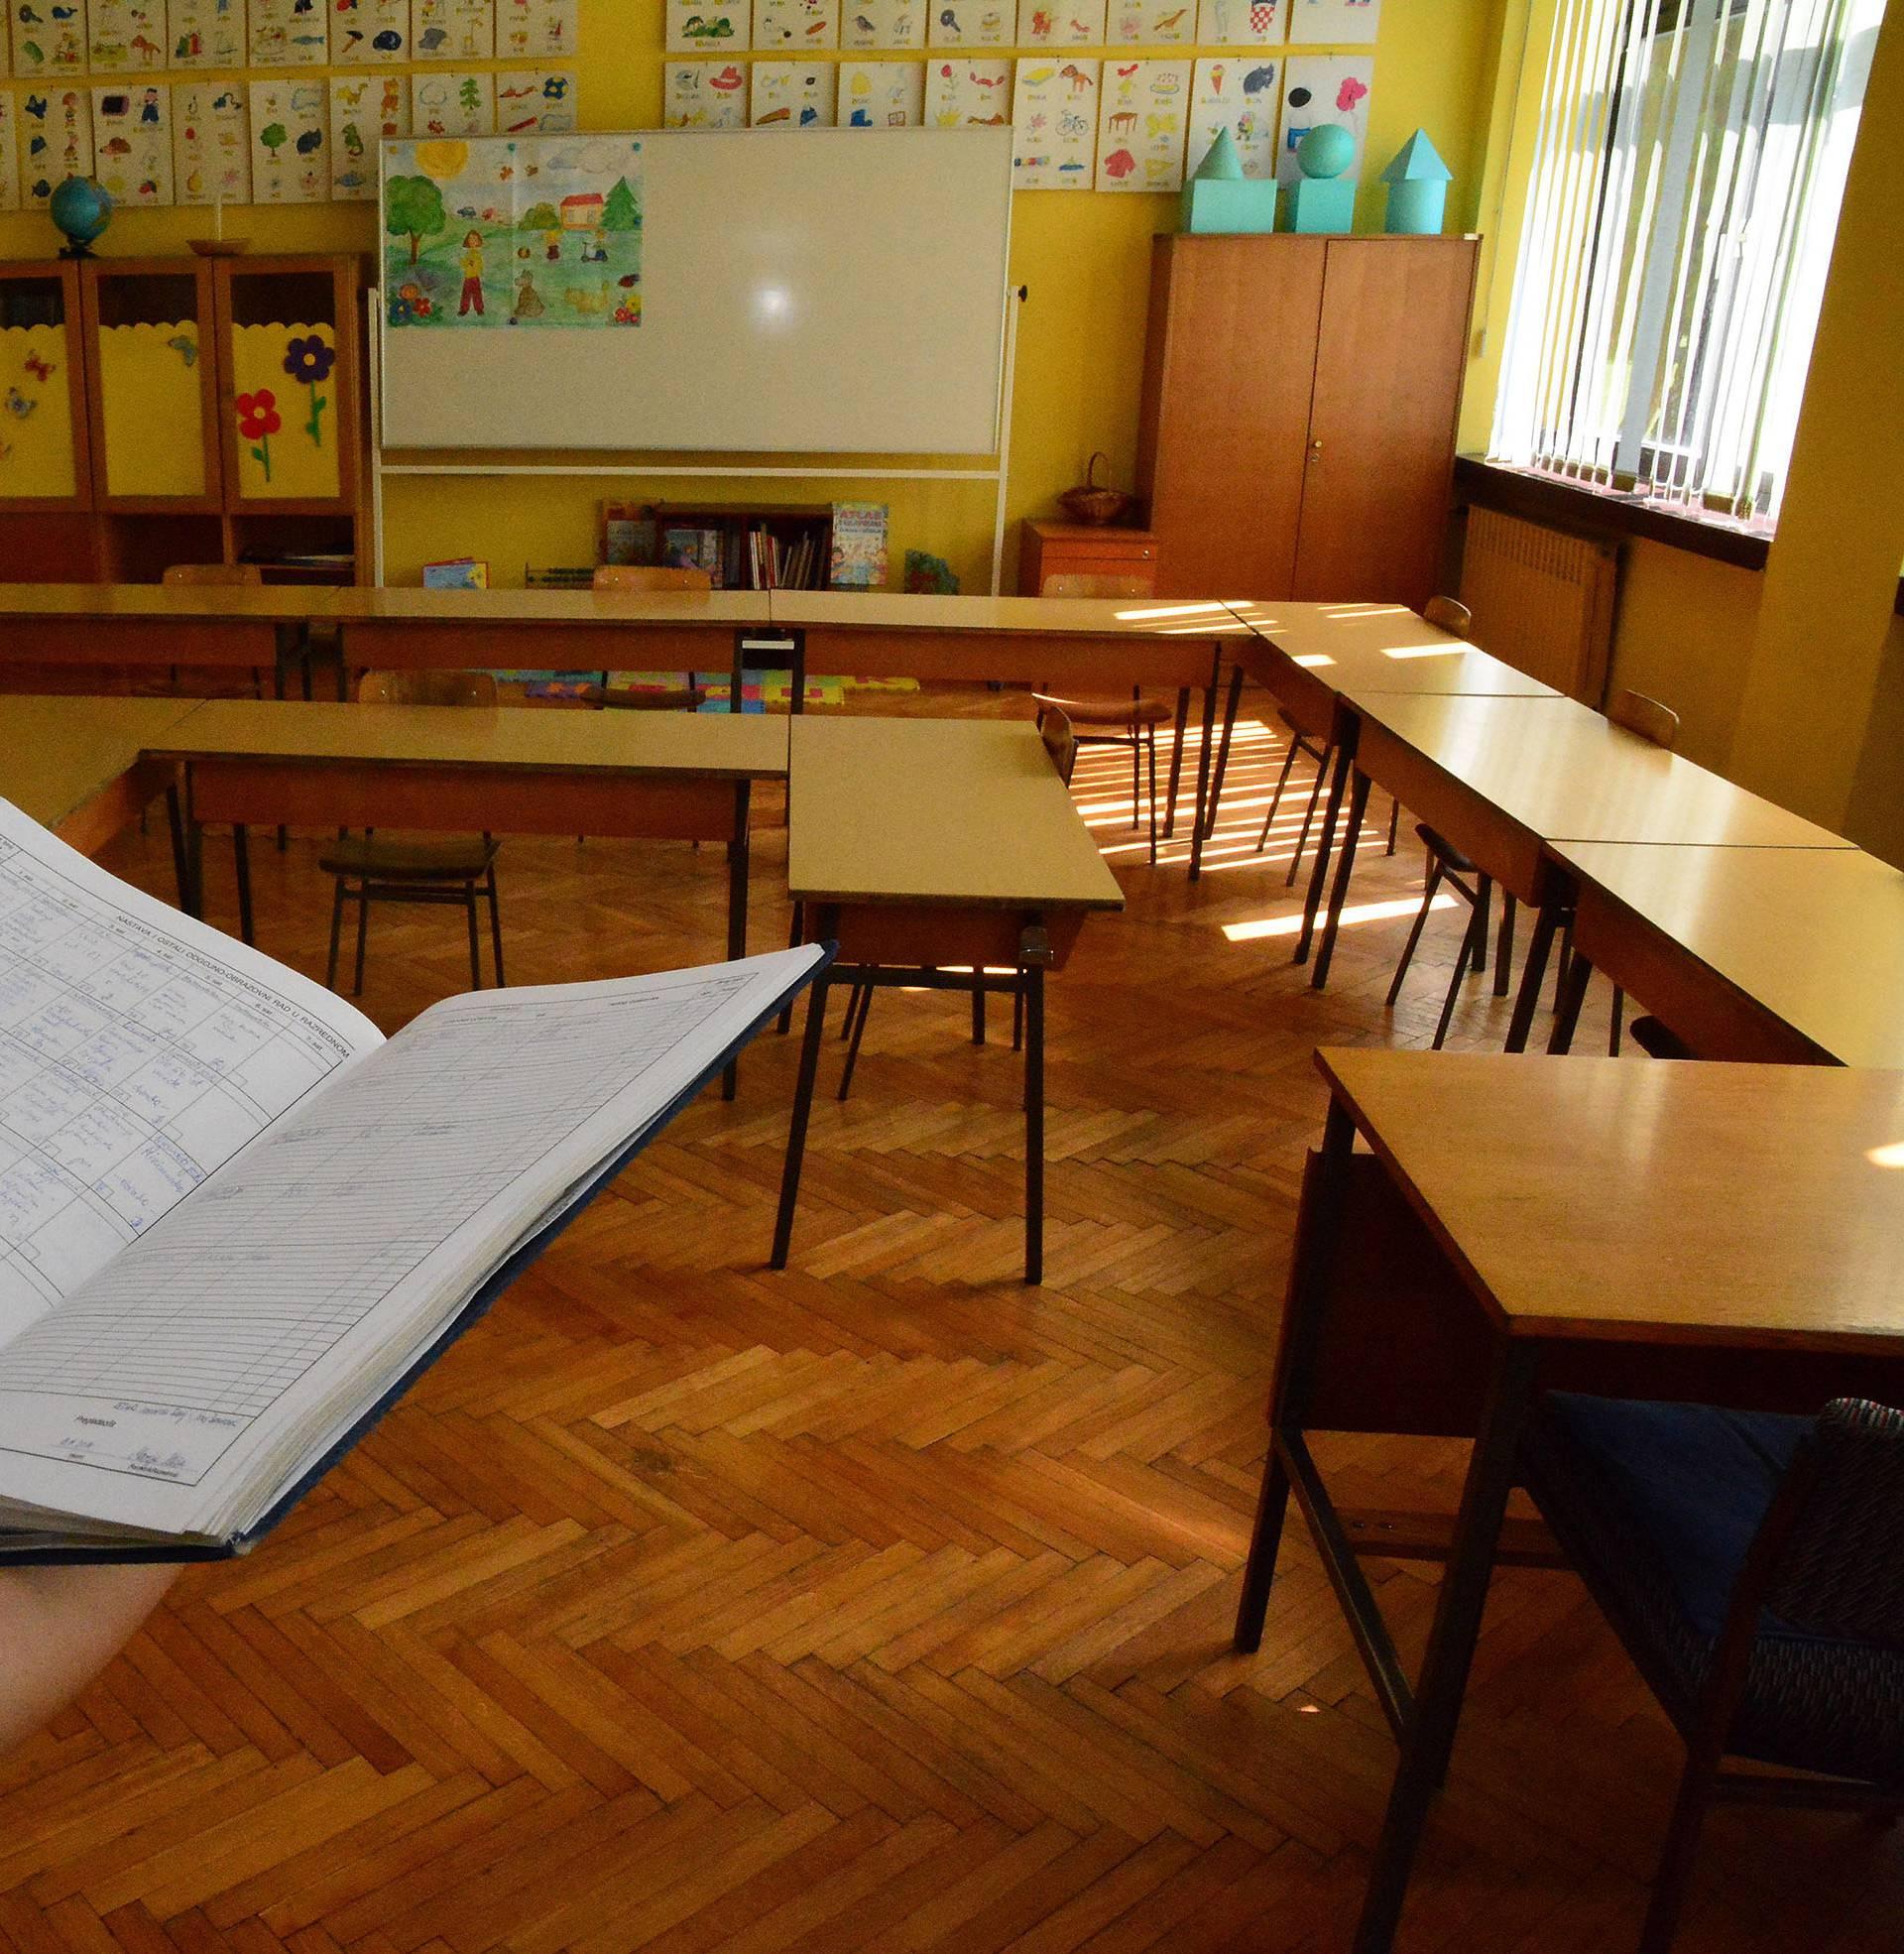 Osnovne škole: Ako nam ukinu školu, nitko više neće ostati...